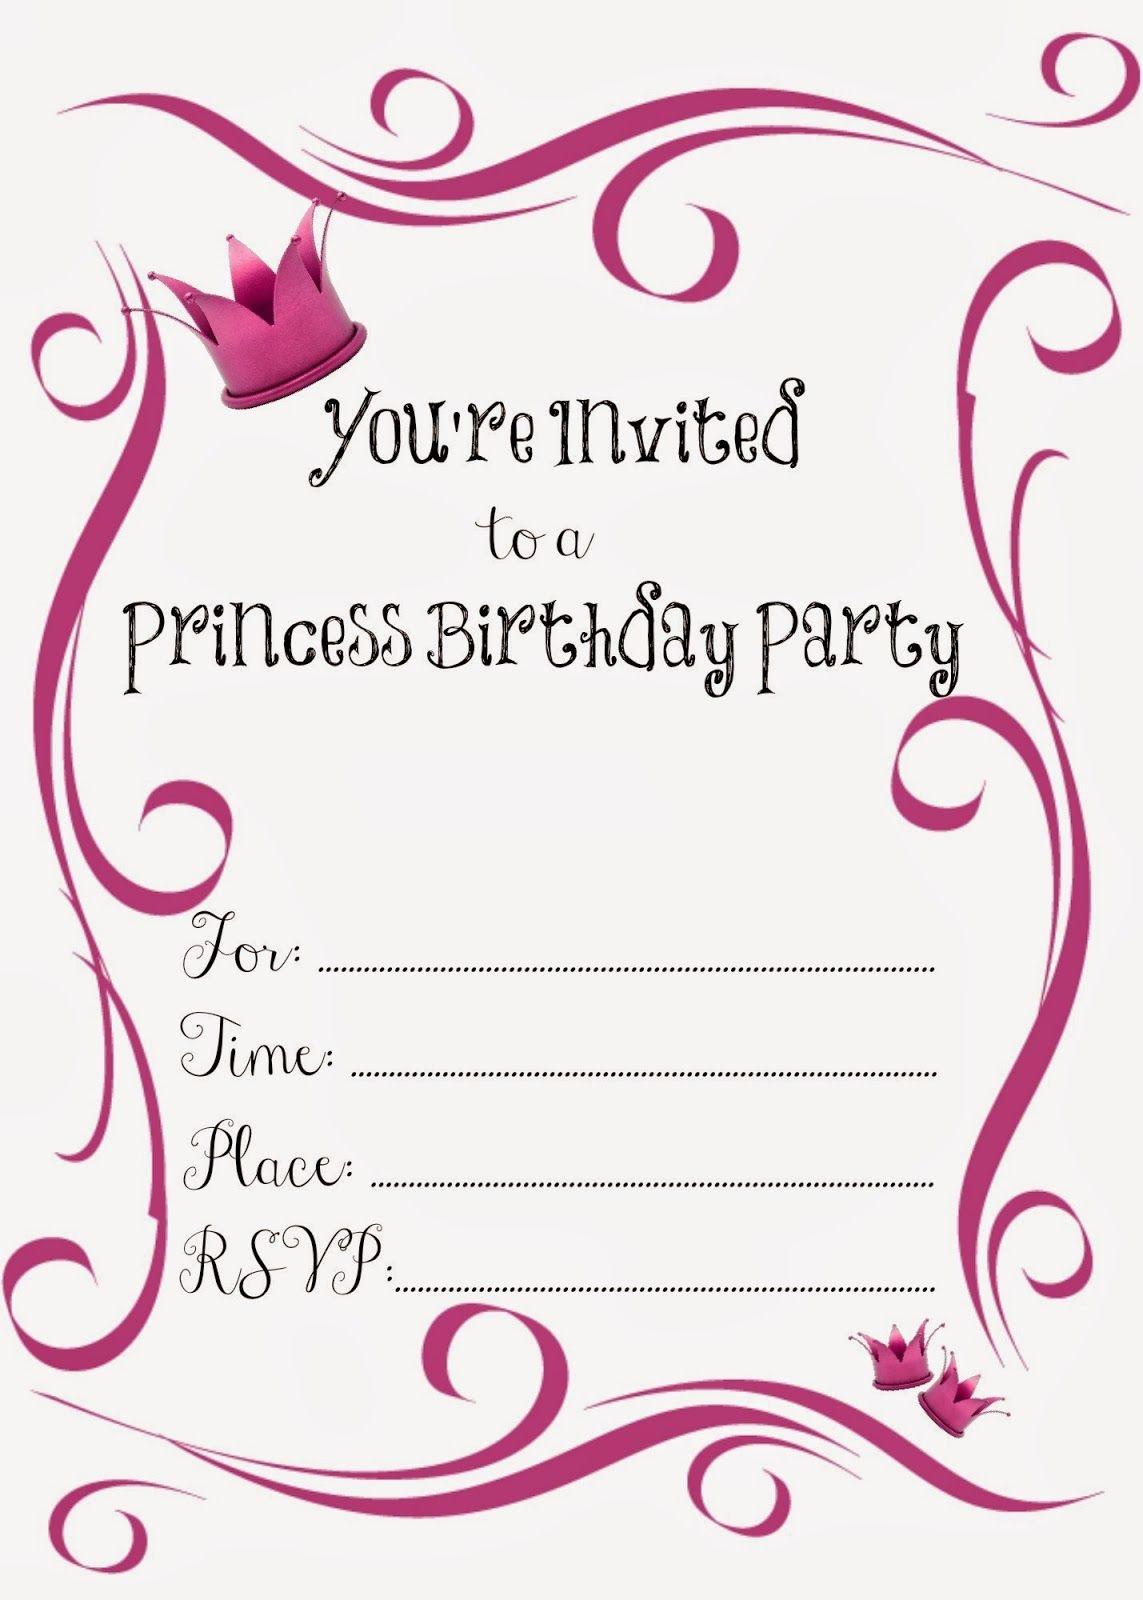 Free Printable Princess Birthday Party Invitations   Printables - Free Printable Birthday Scrolls